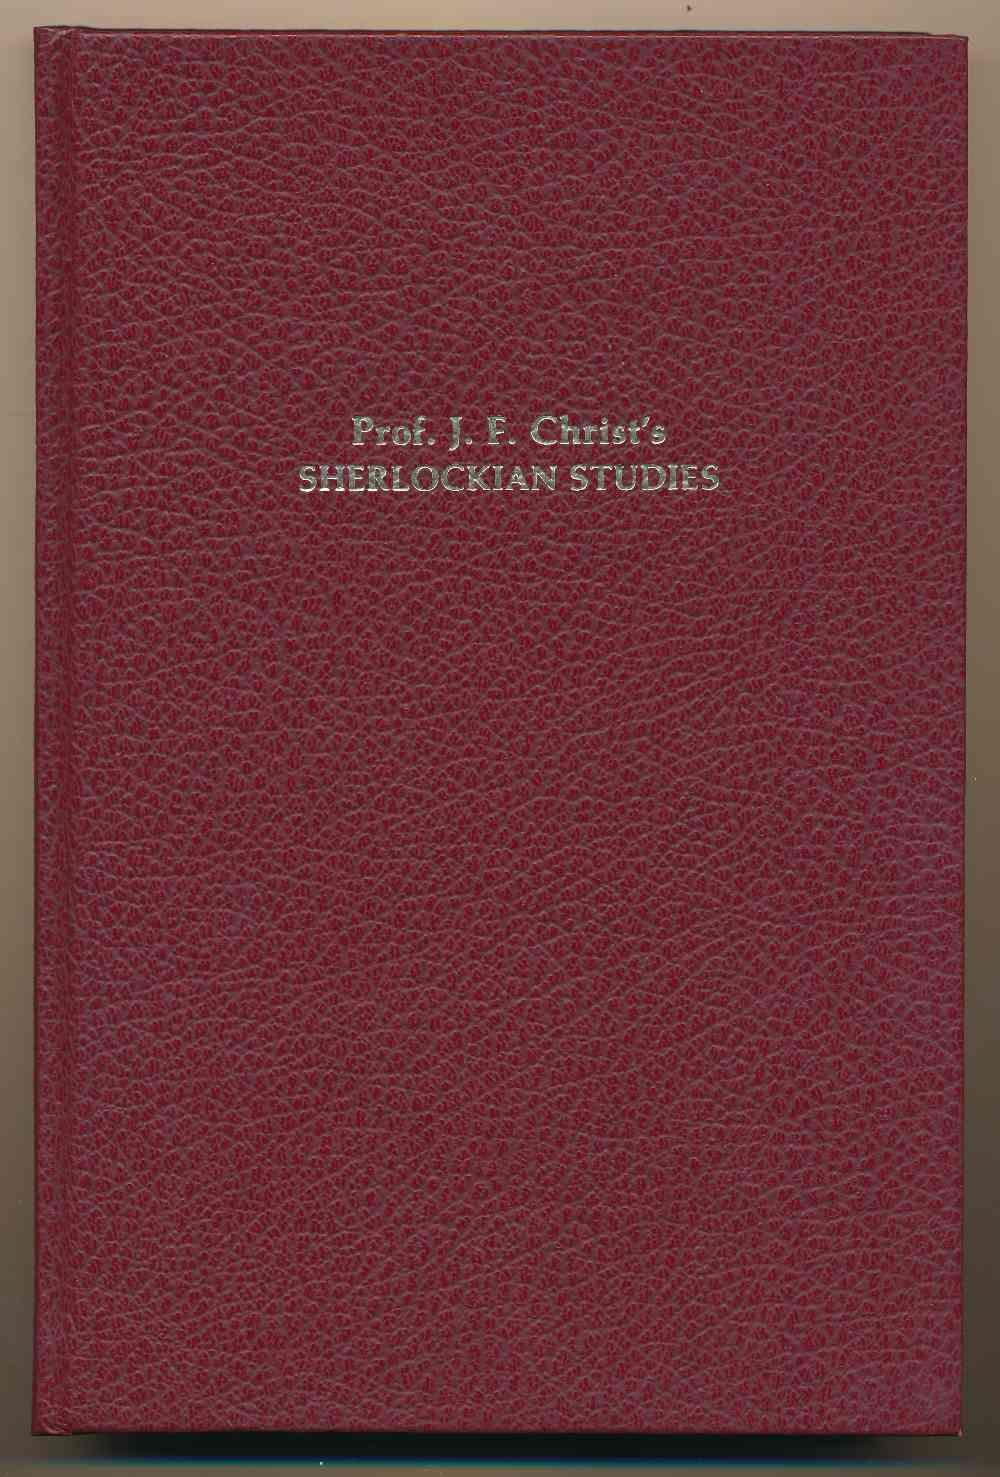 Prof J.F. Christ's Sherlockian studies